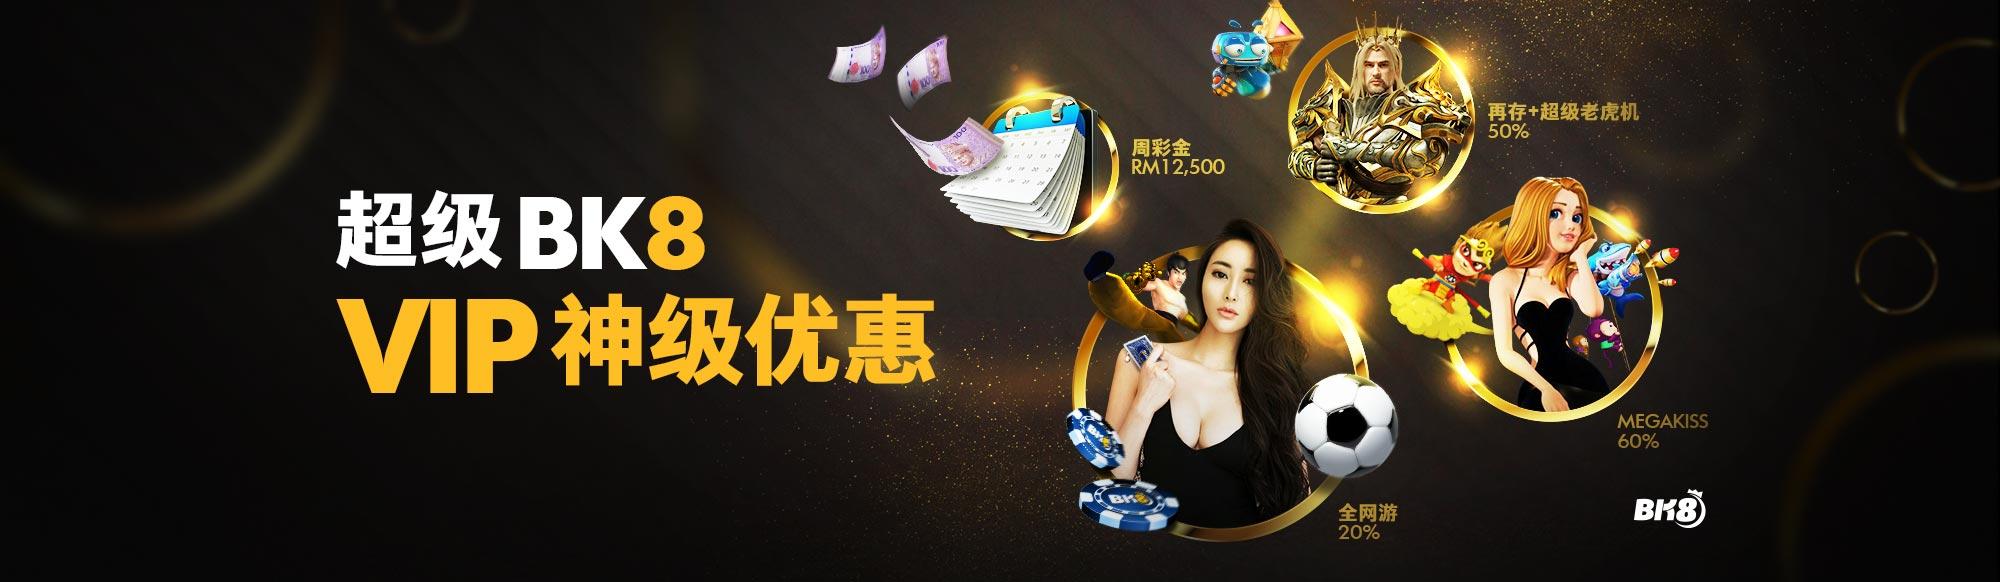 网上赌场马来西亚VIP奖金